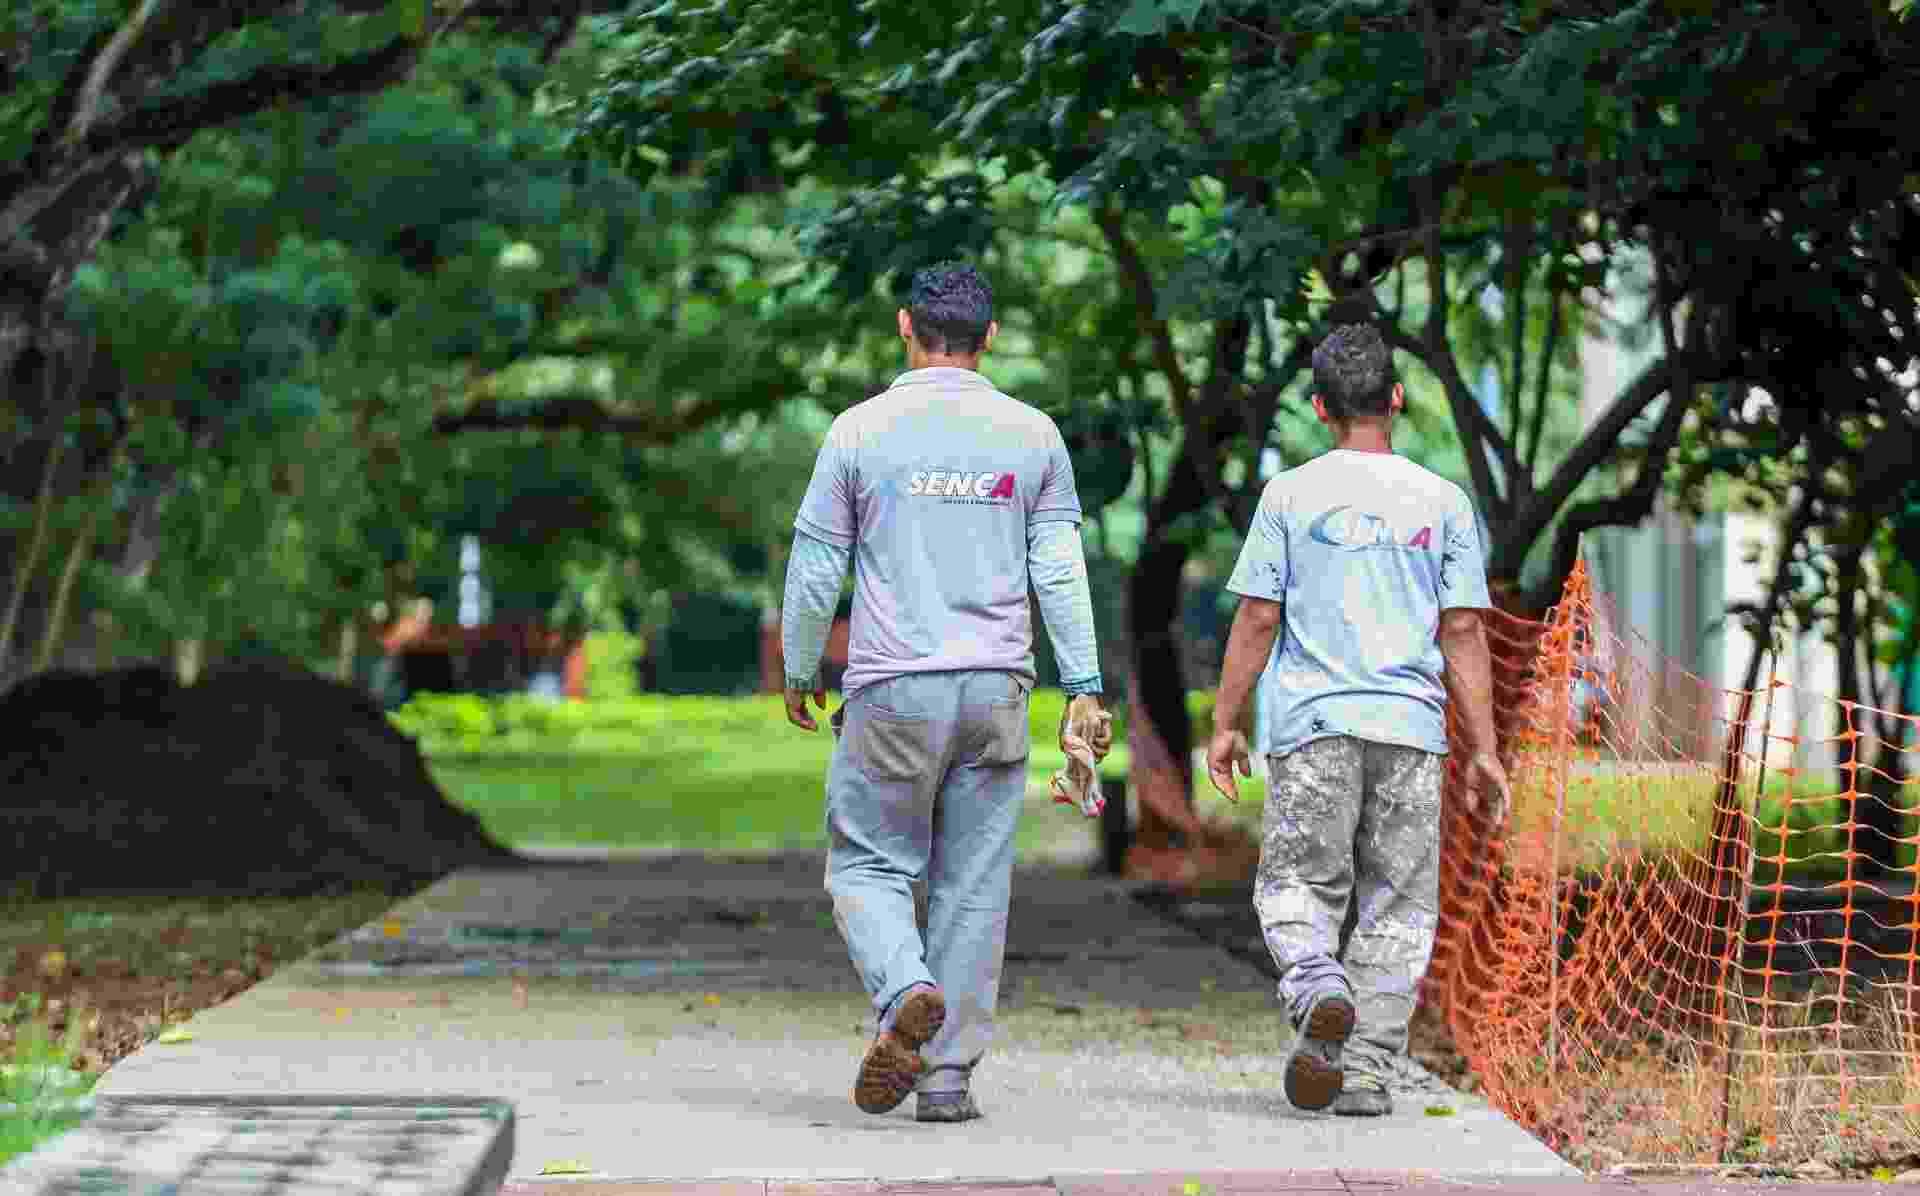 Funcionários da Senca Serviços e Engenharia Ltda, responsável pelas obras da reforma, circulam em área próxima ao prédio da reitoria - Edson Lopes Jr/UOL